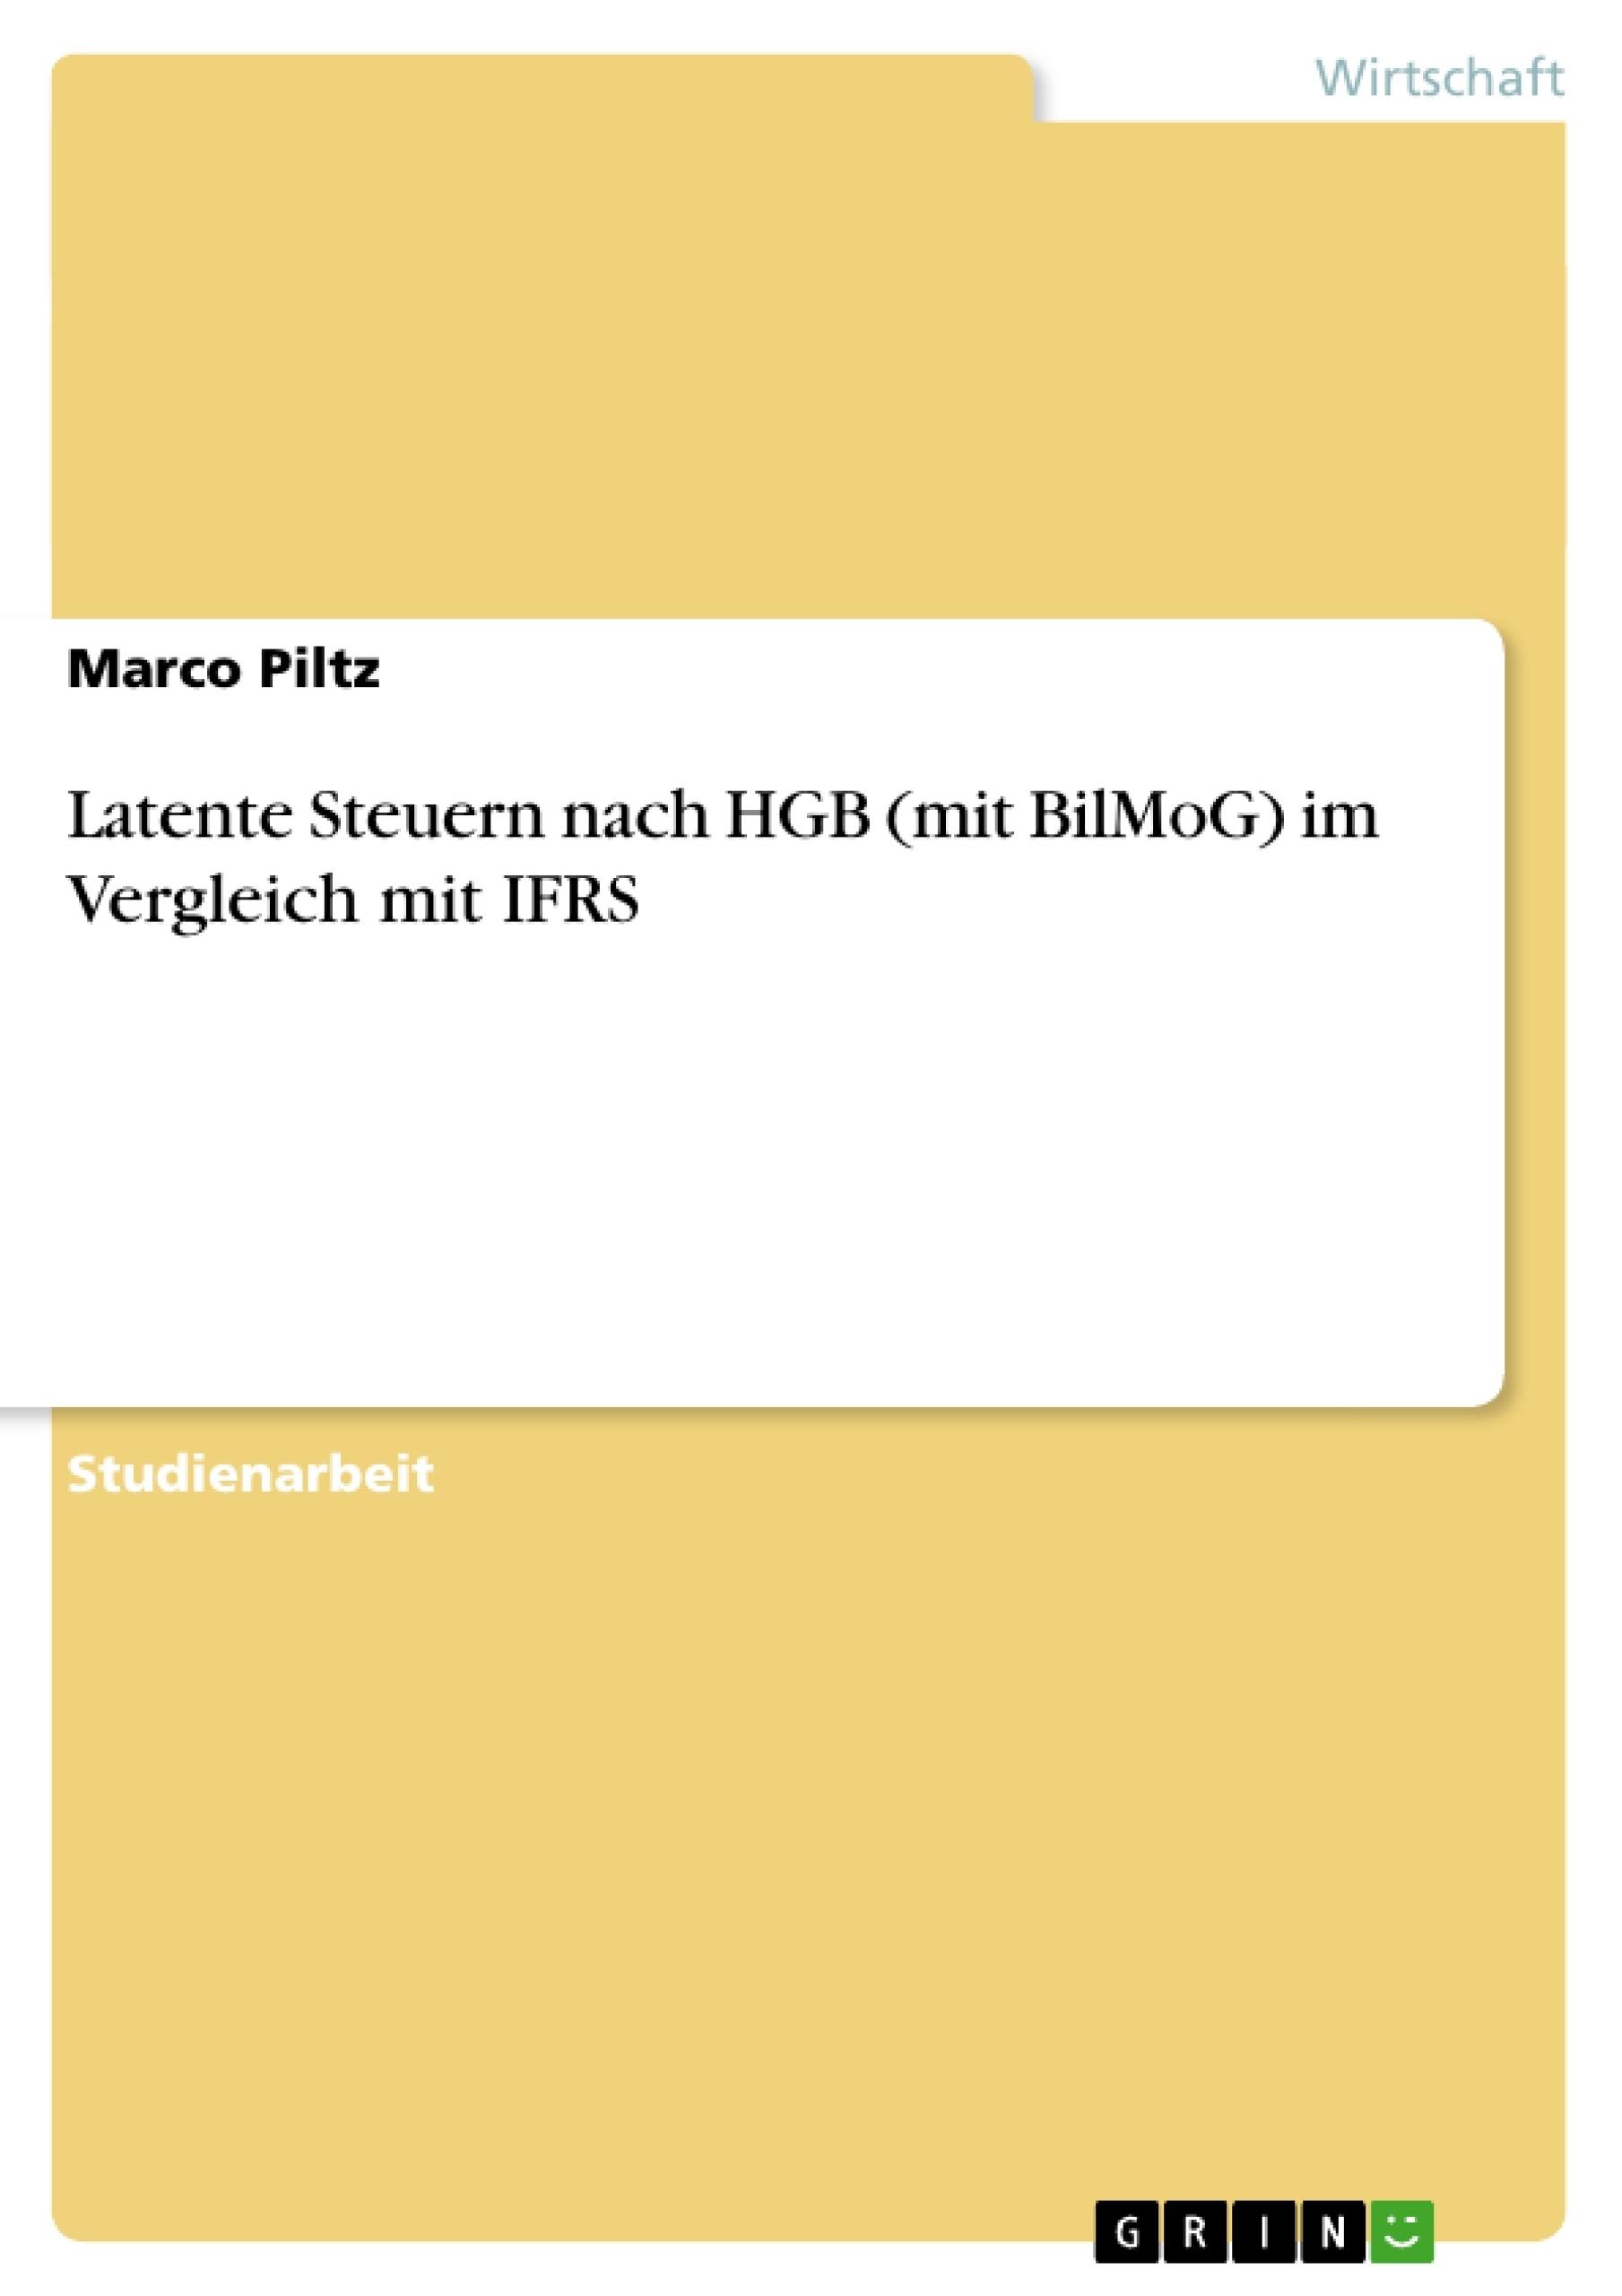 Titel: Latente Steuern nach HGB (mit BilMoG) im Vergleich mit IFRS